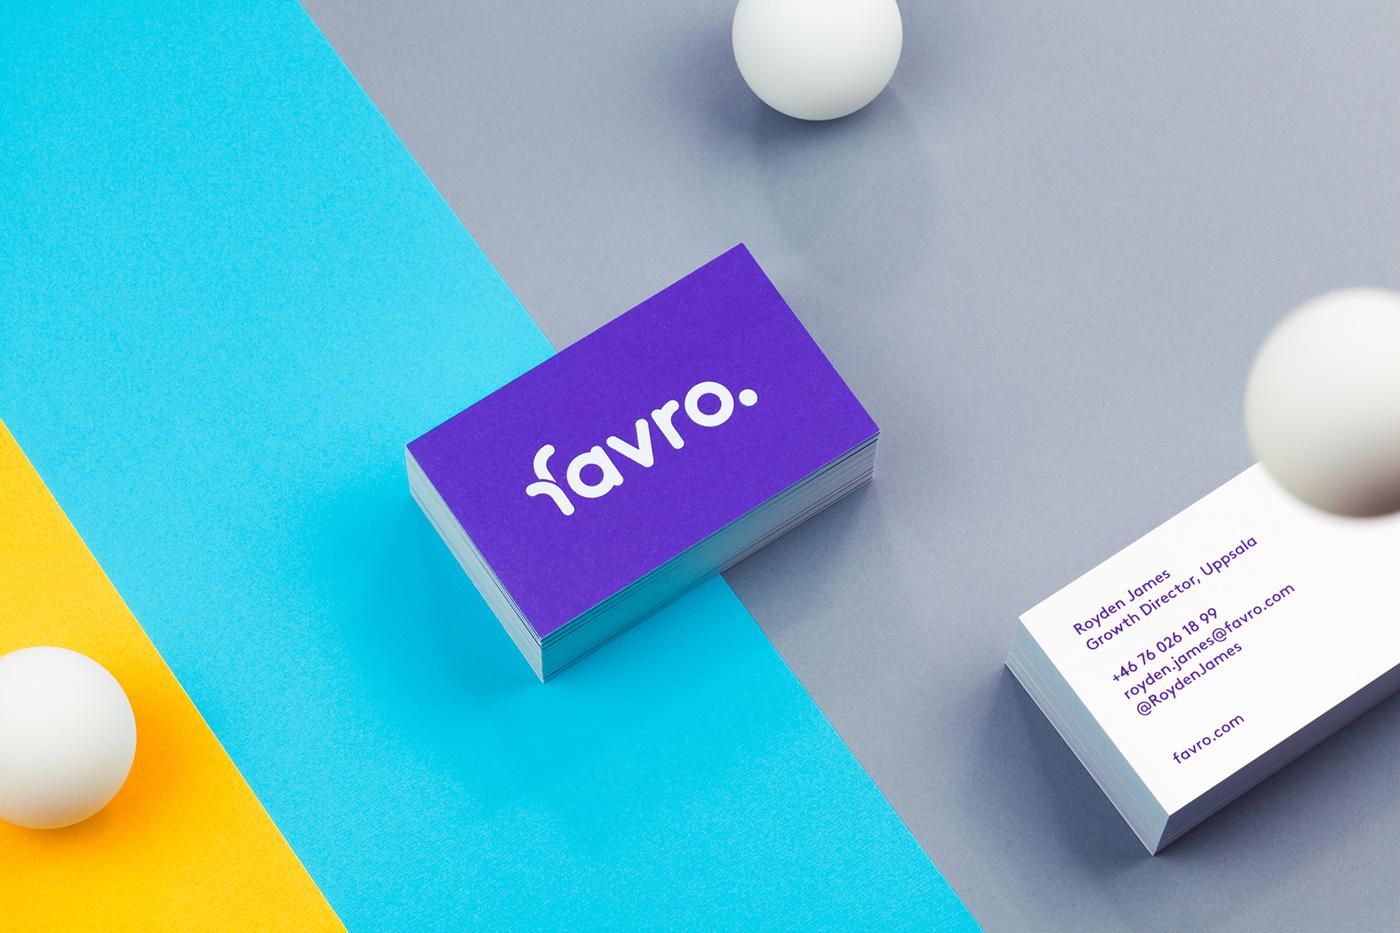 设计丨Favro App UI和品牌设计解析 – 黑镜主题 - 为设计创意工作者而设计